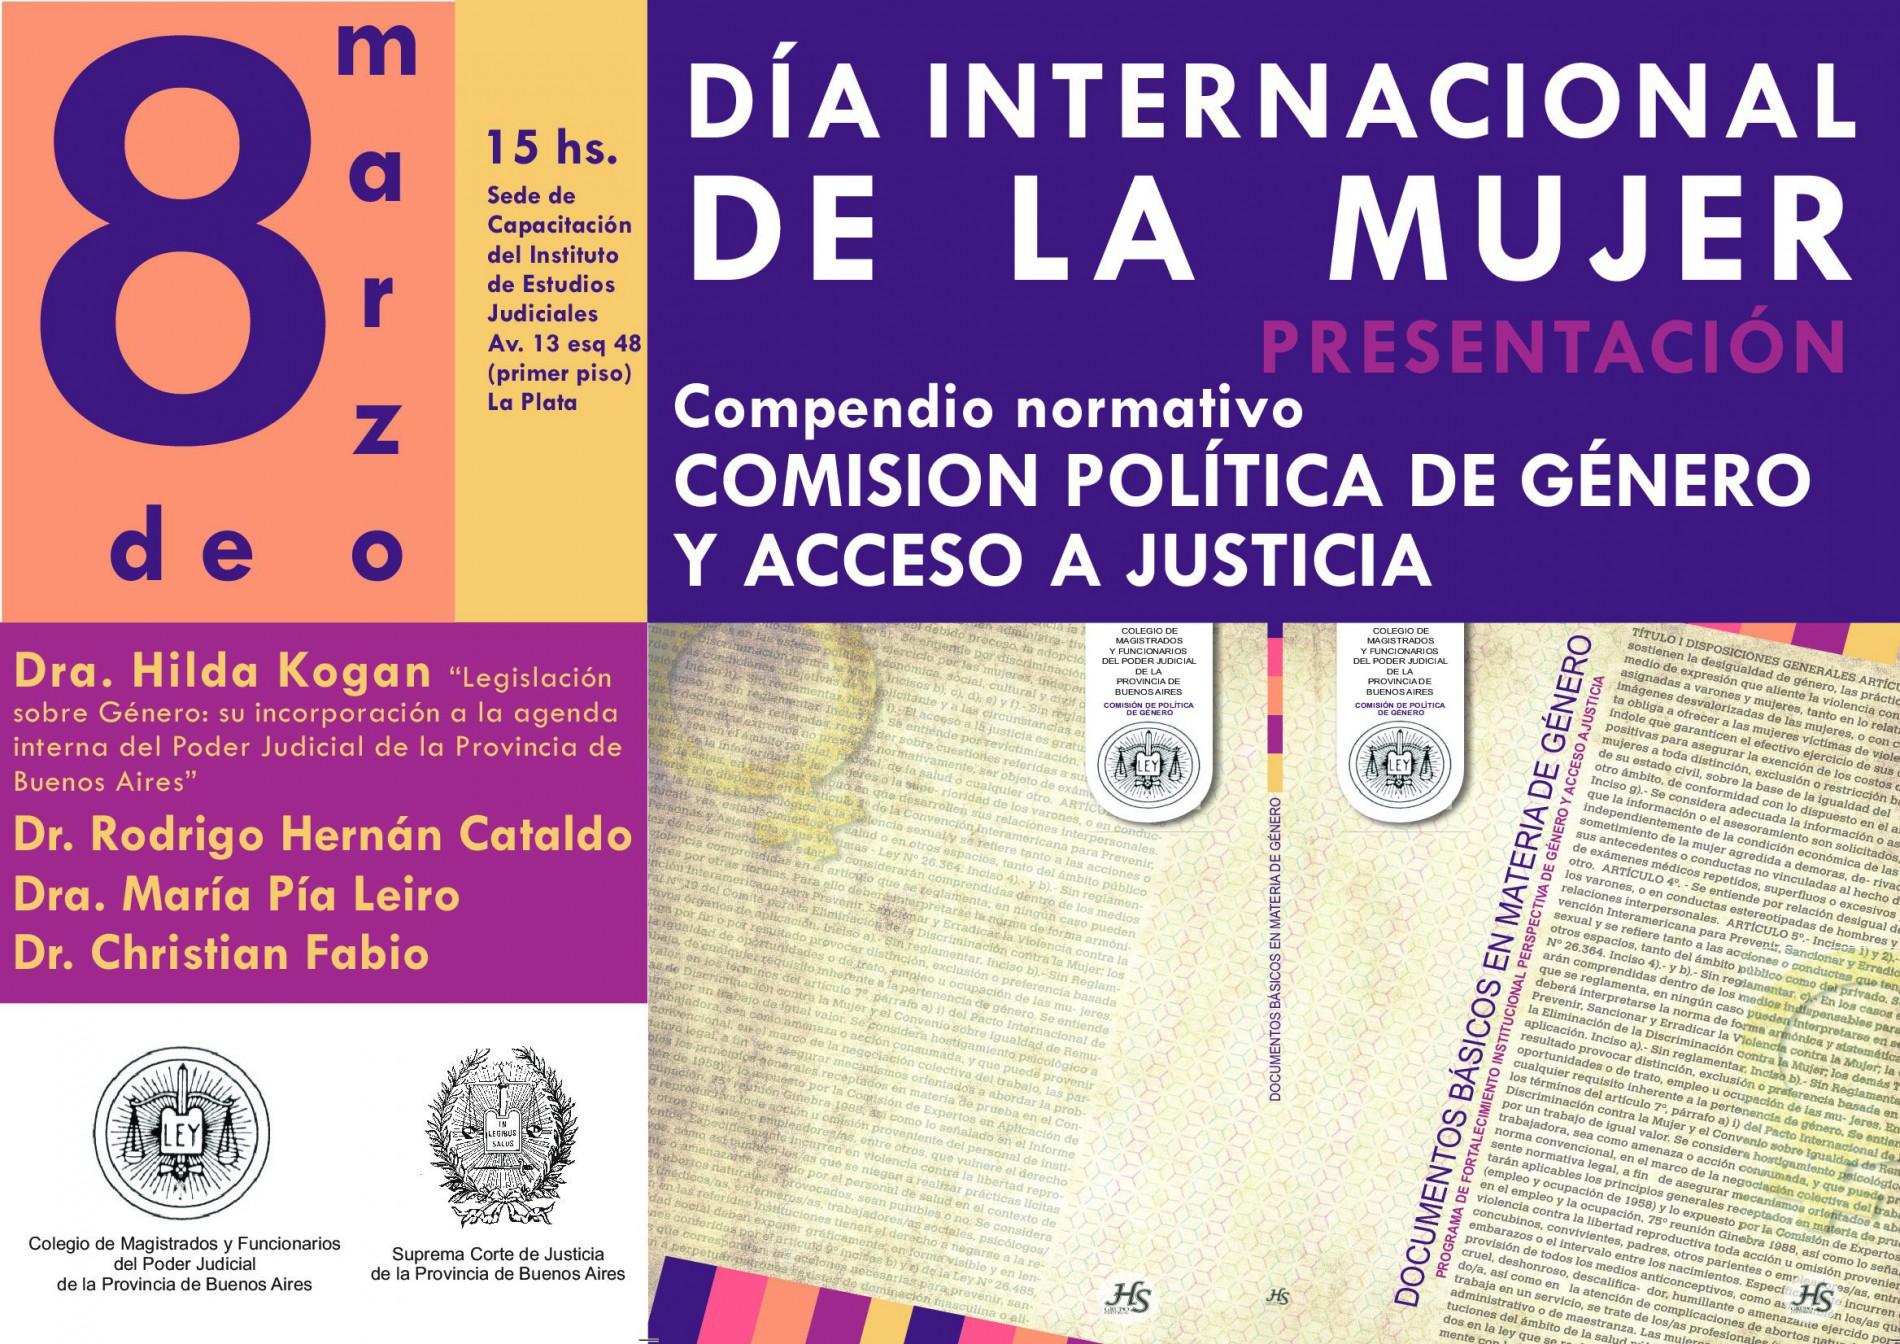 Comisión de política de género y acceso a Justicia del Colegio de Magistrados y Funcionarios del Poder Judicial de la Provincia de Buenos Aires